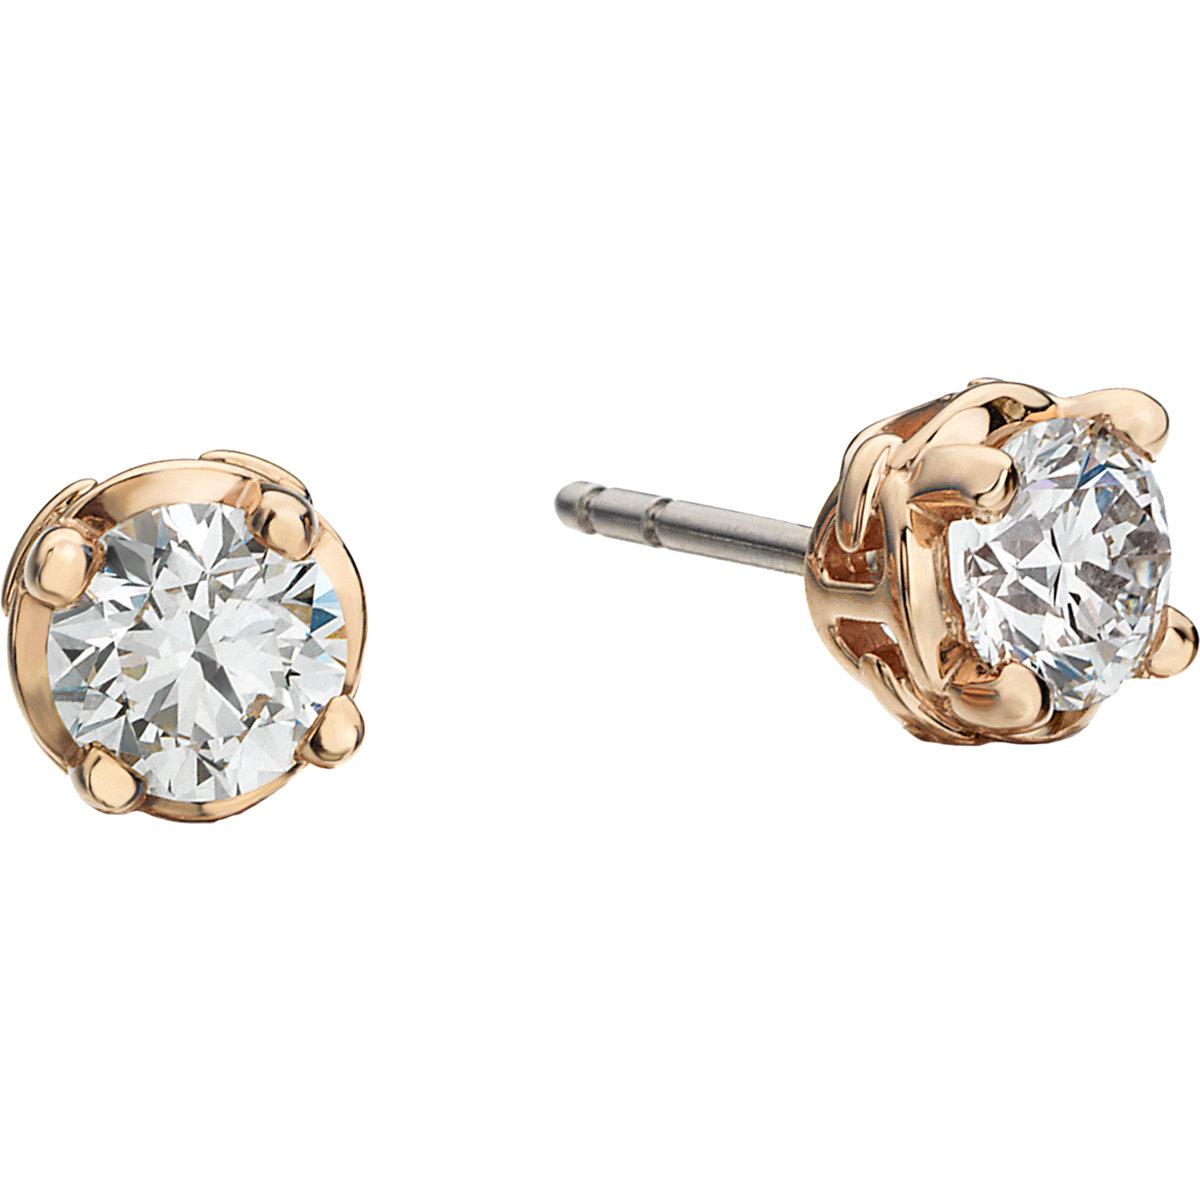 hoorsenbuhs diamond rose gold stud earrings in white rose. Black Bedroom Furniture Sets. Home Design Ideas